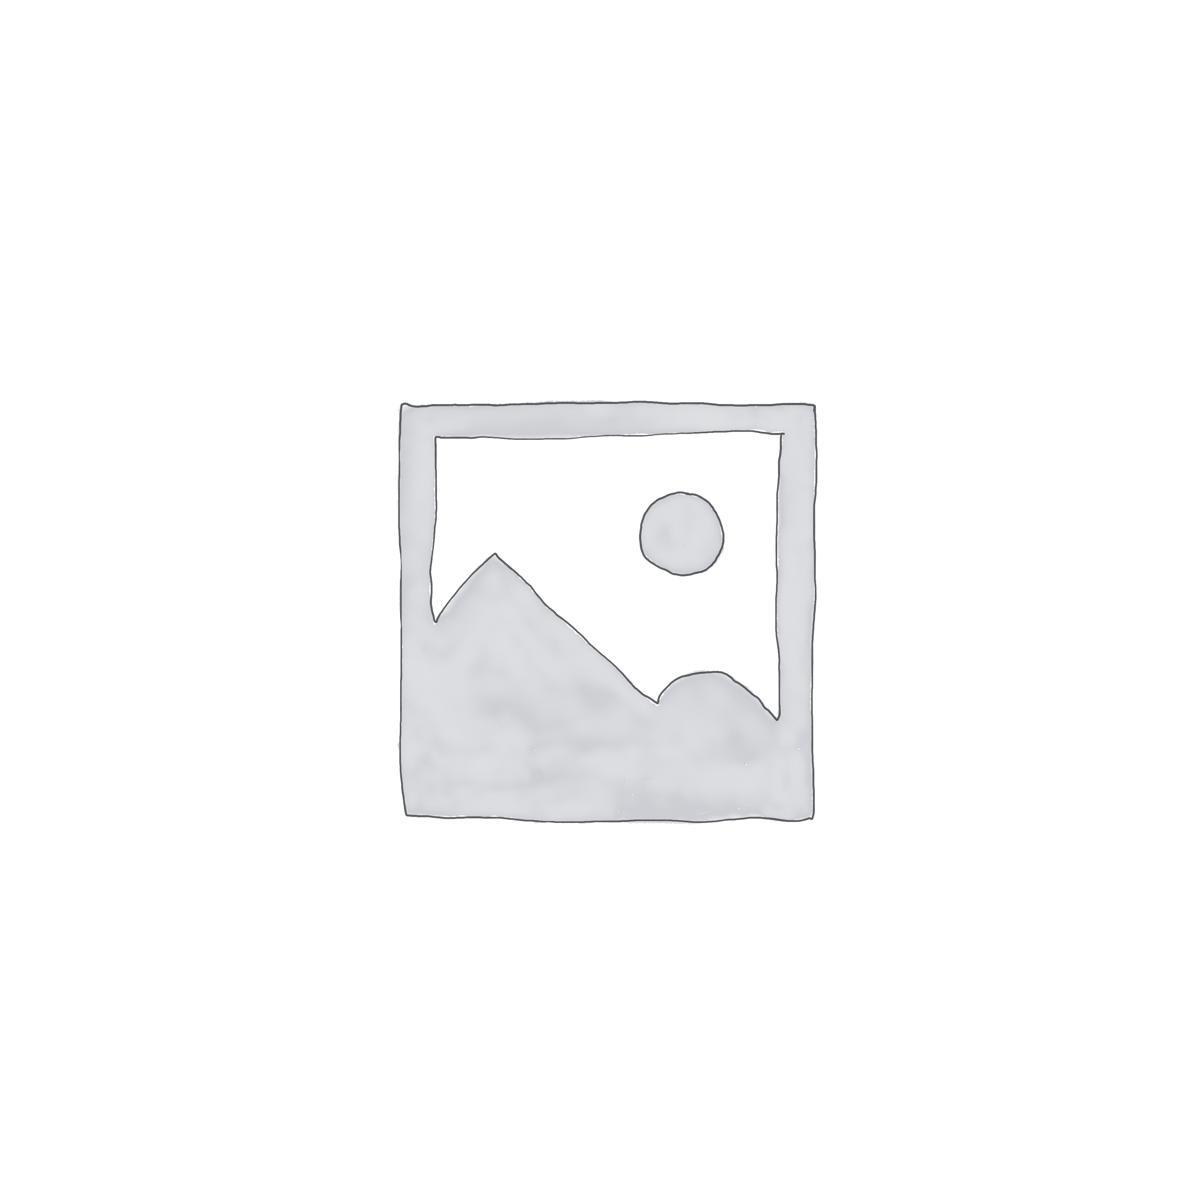 White Plum Blossom Wallpaper Mural